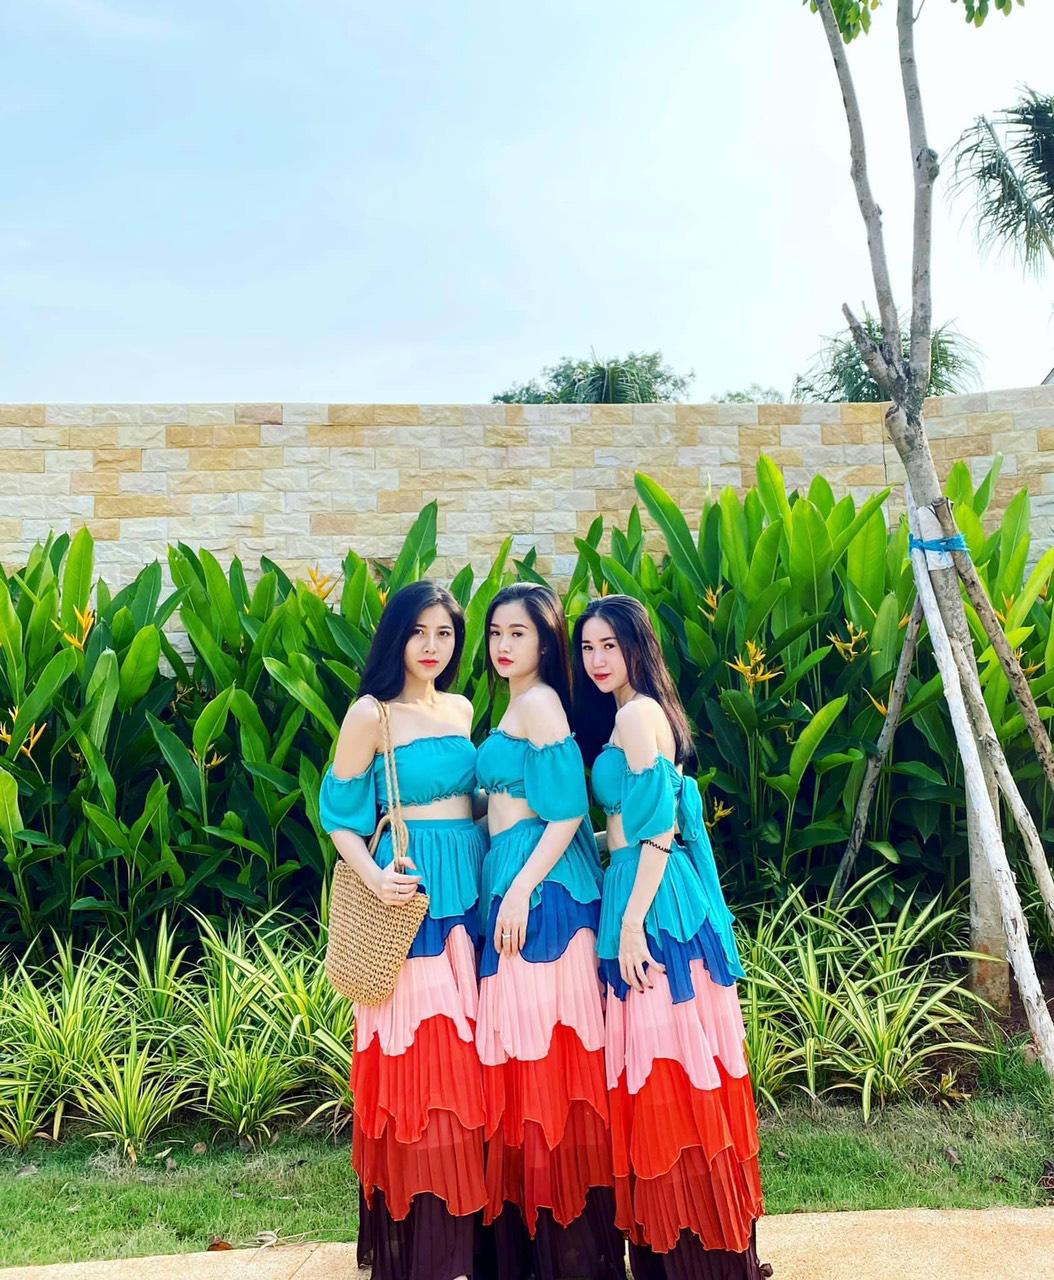 Huyền Mỹ Shop - Thổi làn gió mới vào thị trường thời trang Việt - Ảnh 4.